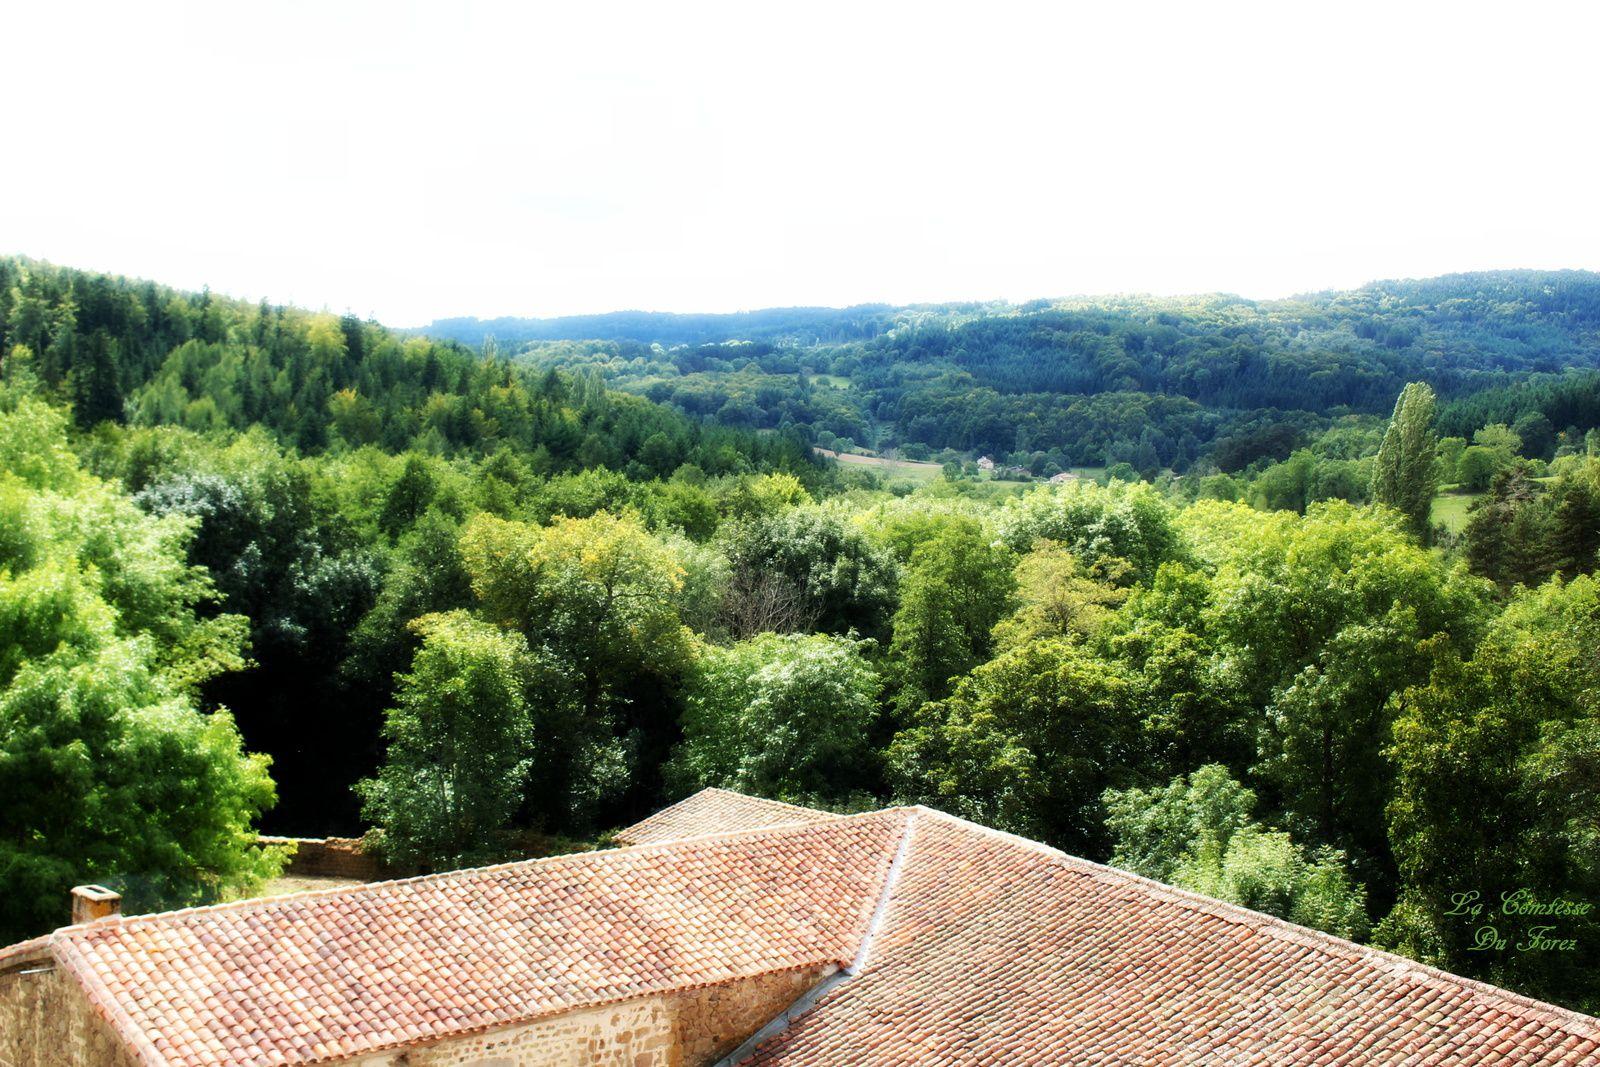 à l'air libre vue sur la forêt avoisinante